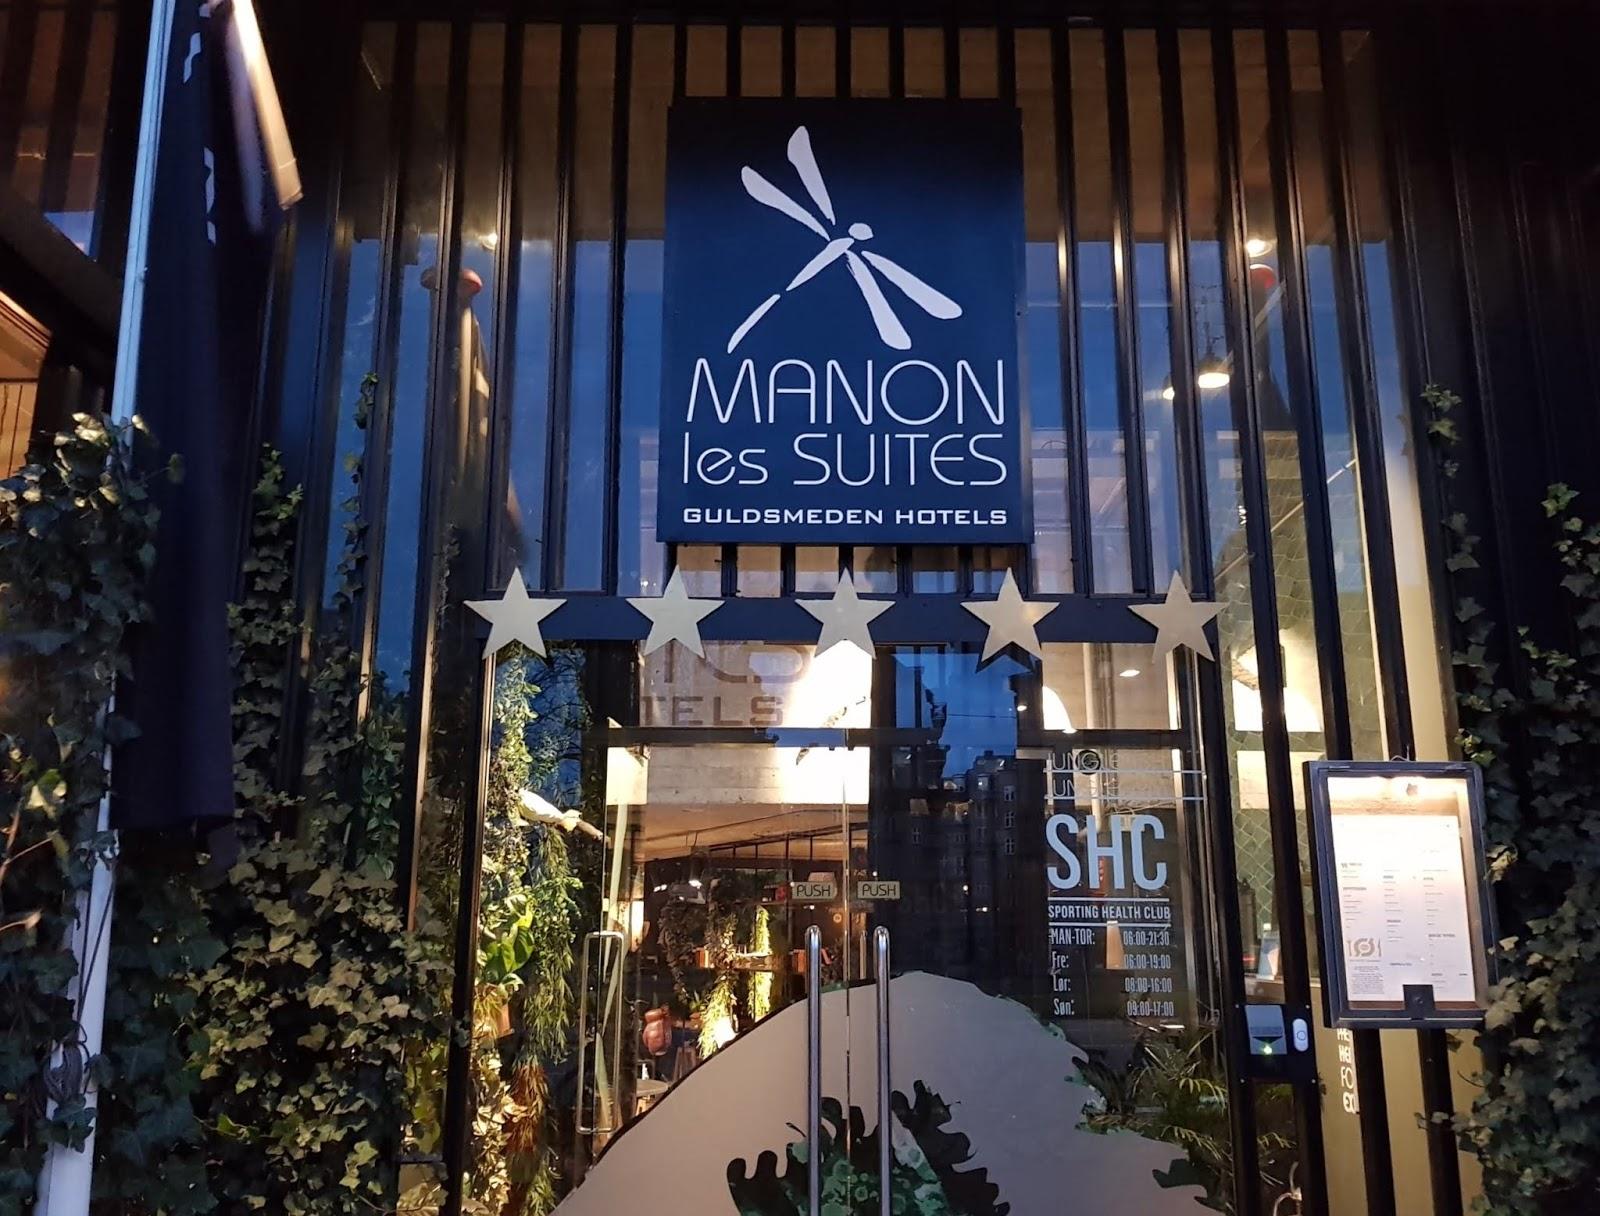 Manon Les Suites Guldsmeden Hotel - Best eco hotels in Copenhagen - Vegan Copenhagen Guide